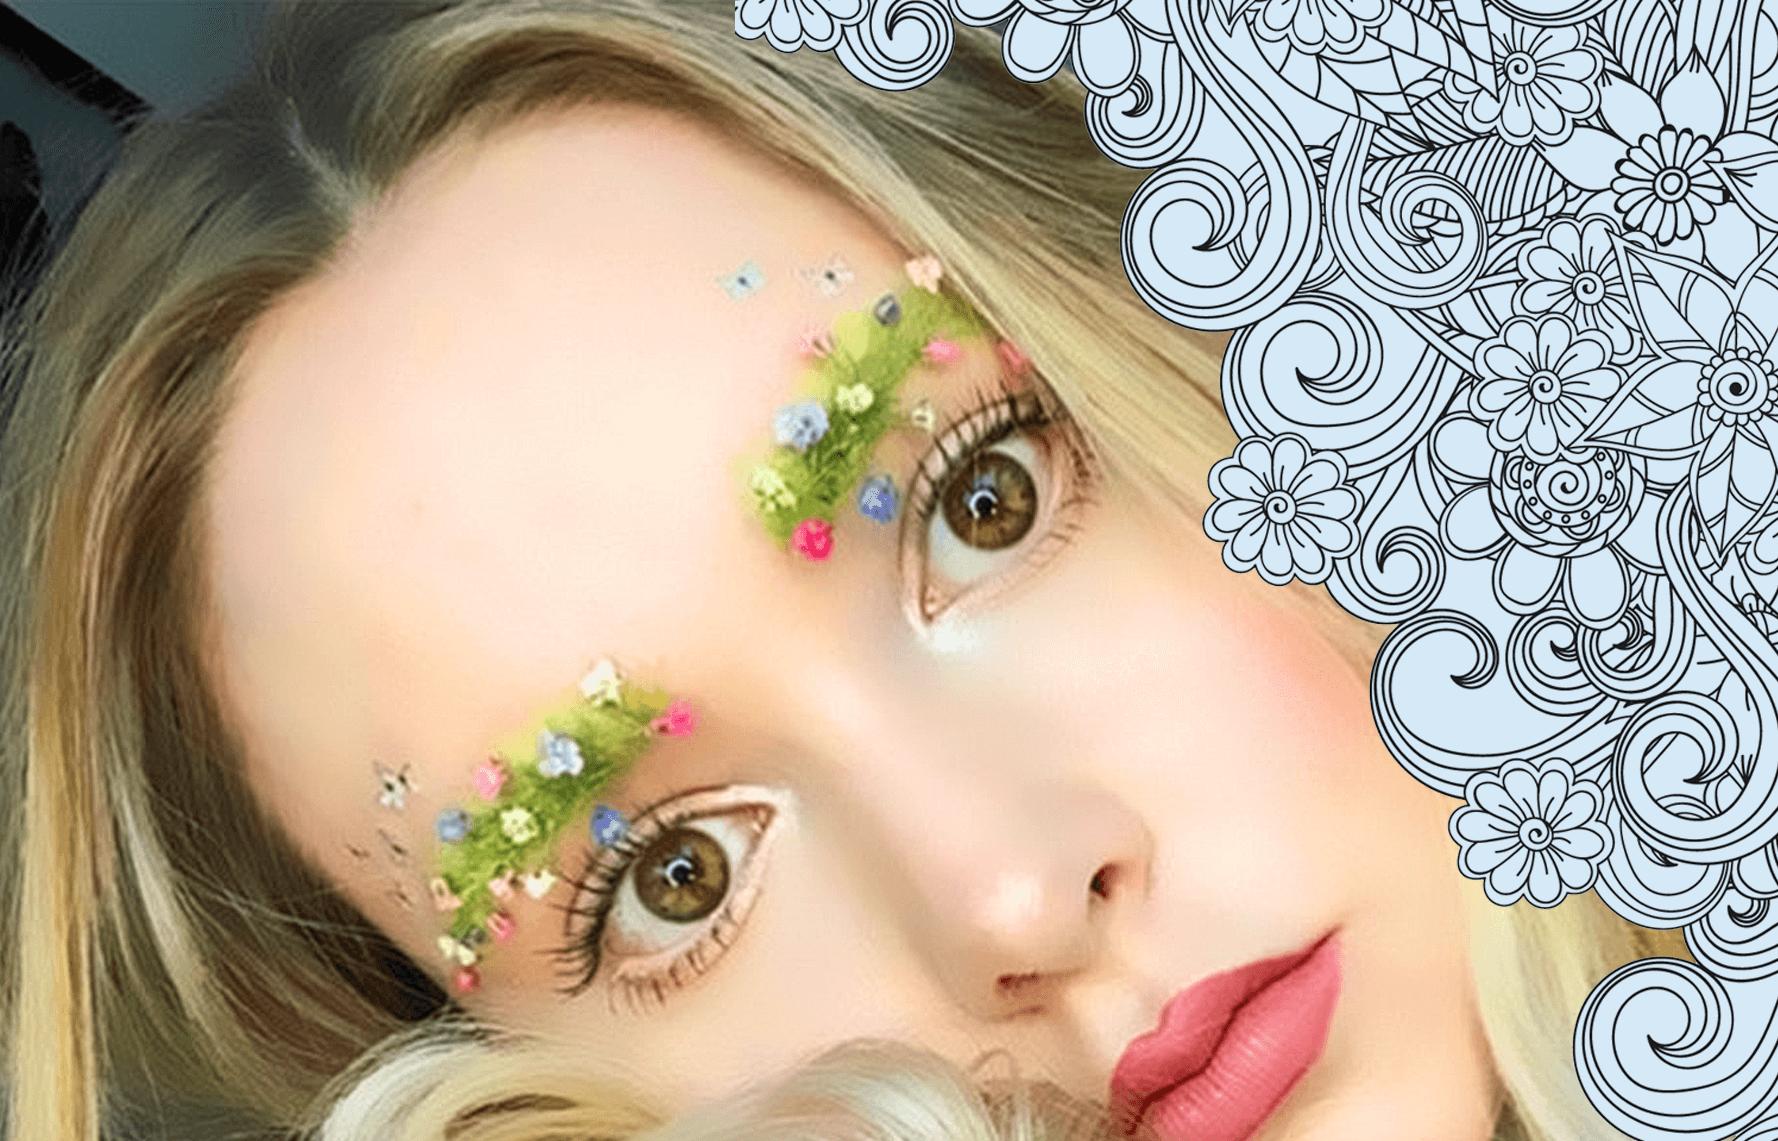 Garden eyebrow